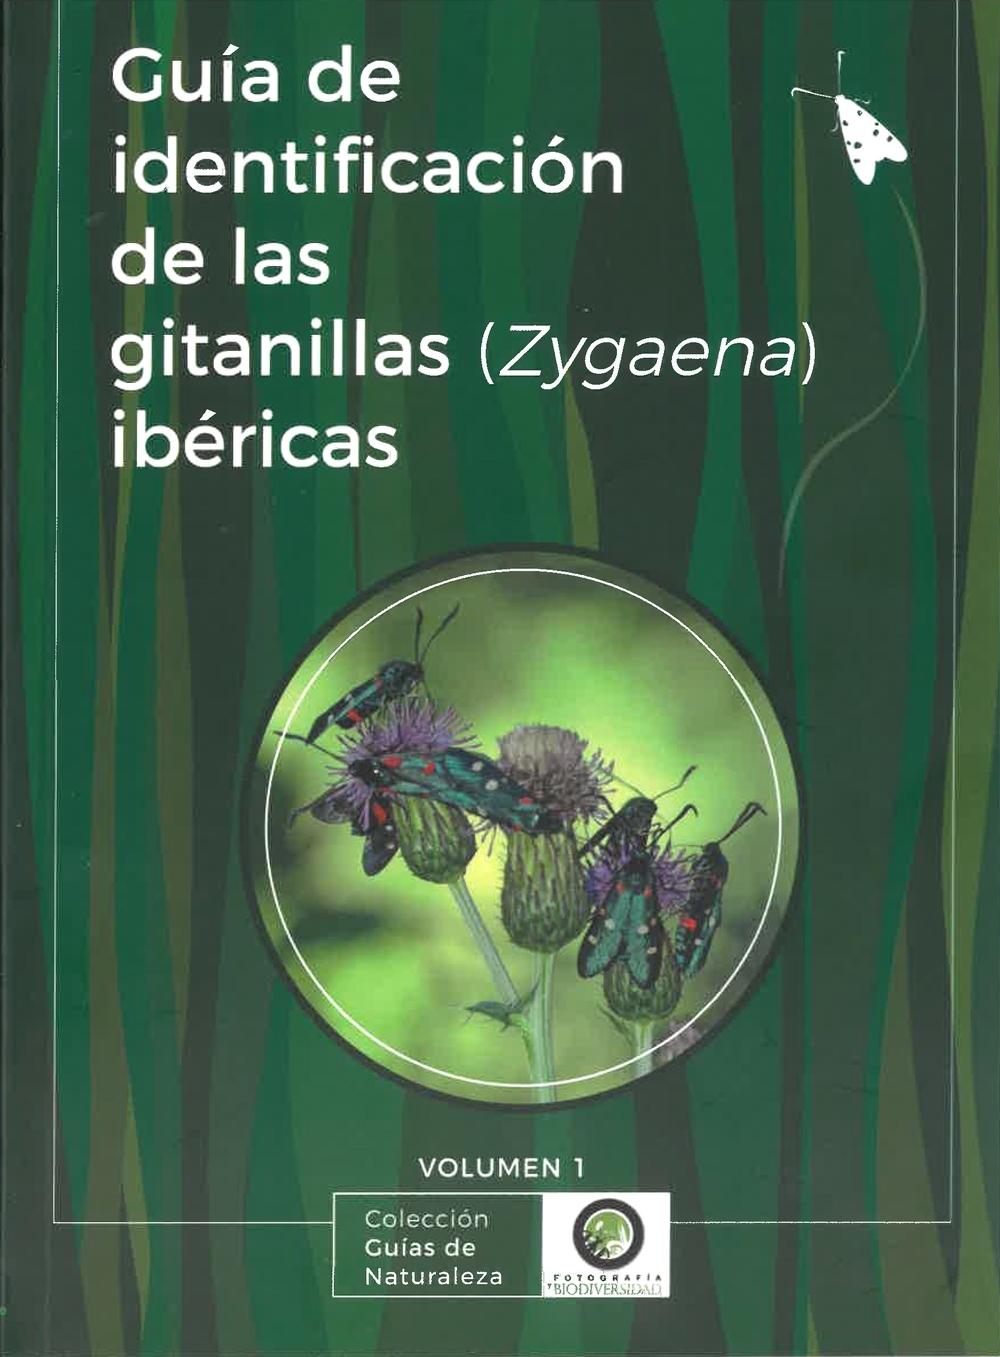 Portada del libro recién editado por la Asociación  Fotografía y Biodiversidad